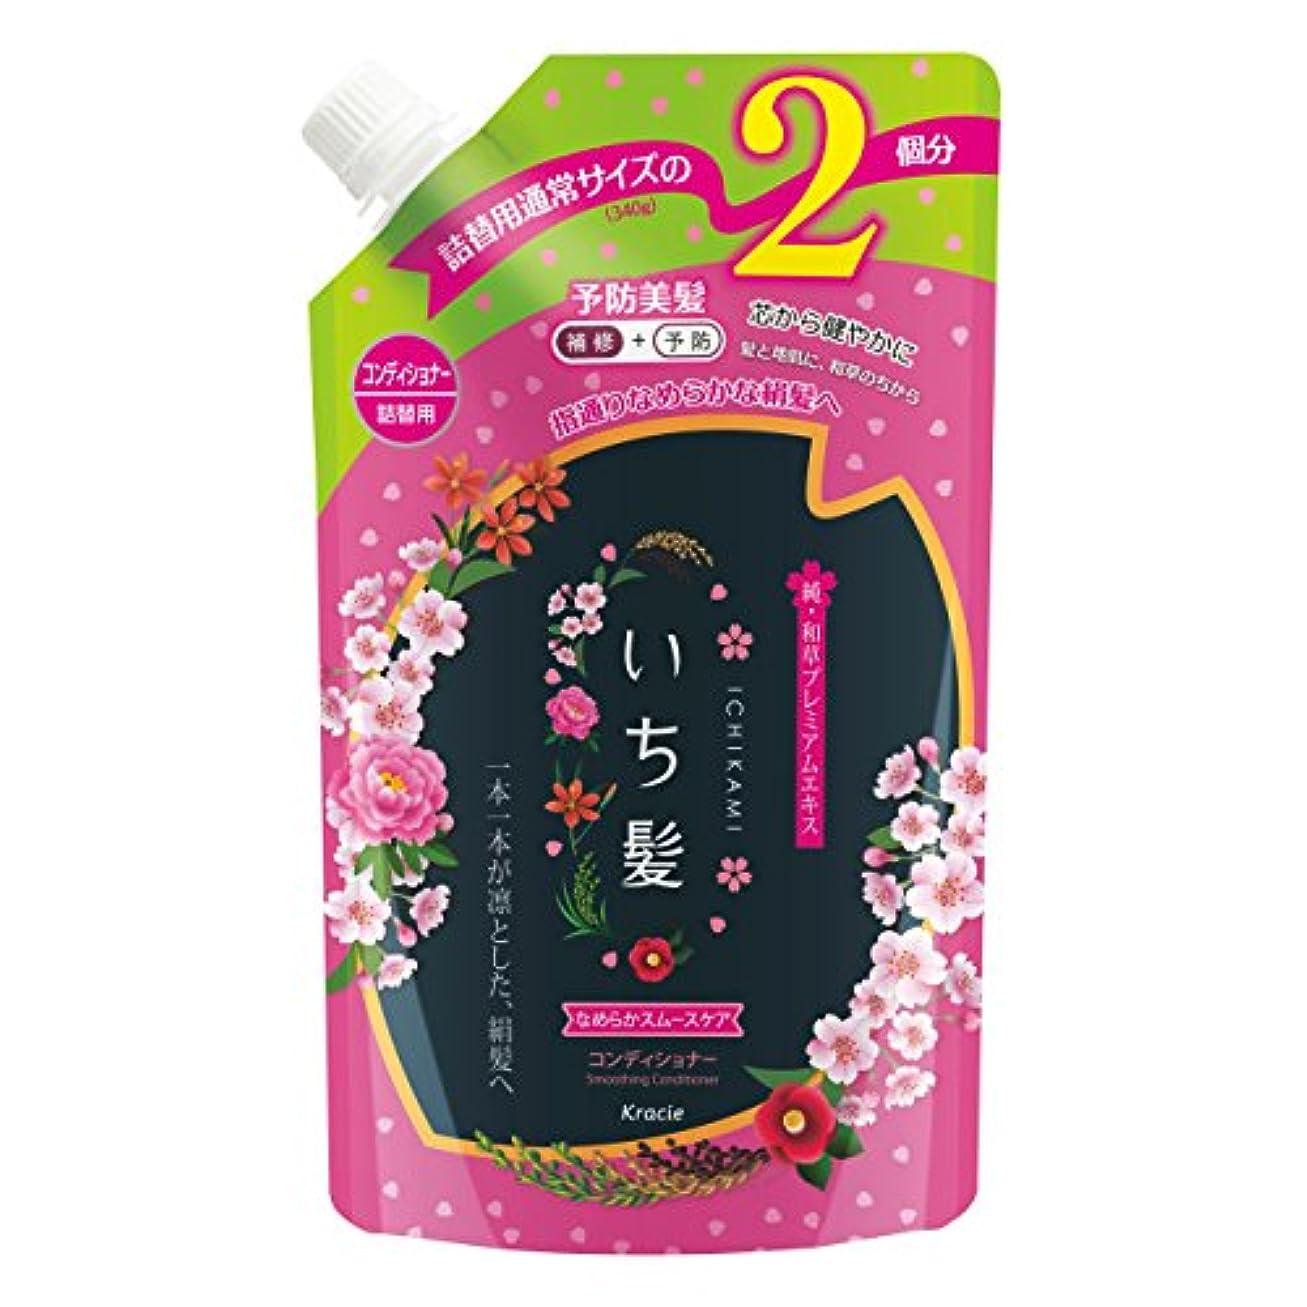 油キャンバス反毒いち髪 なめらかスムースケア コンディショナー 詰替用2回分 680g